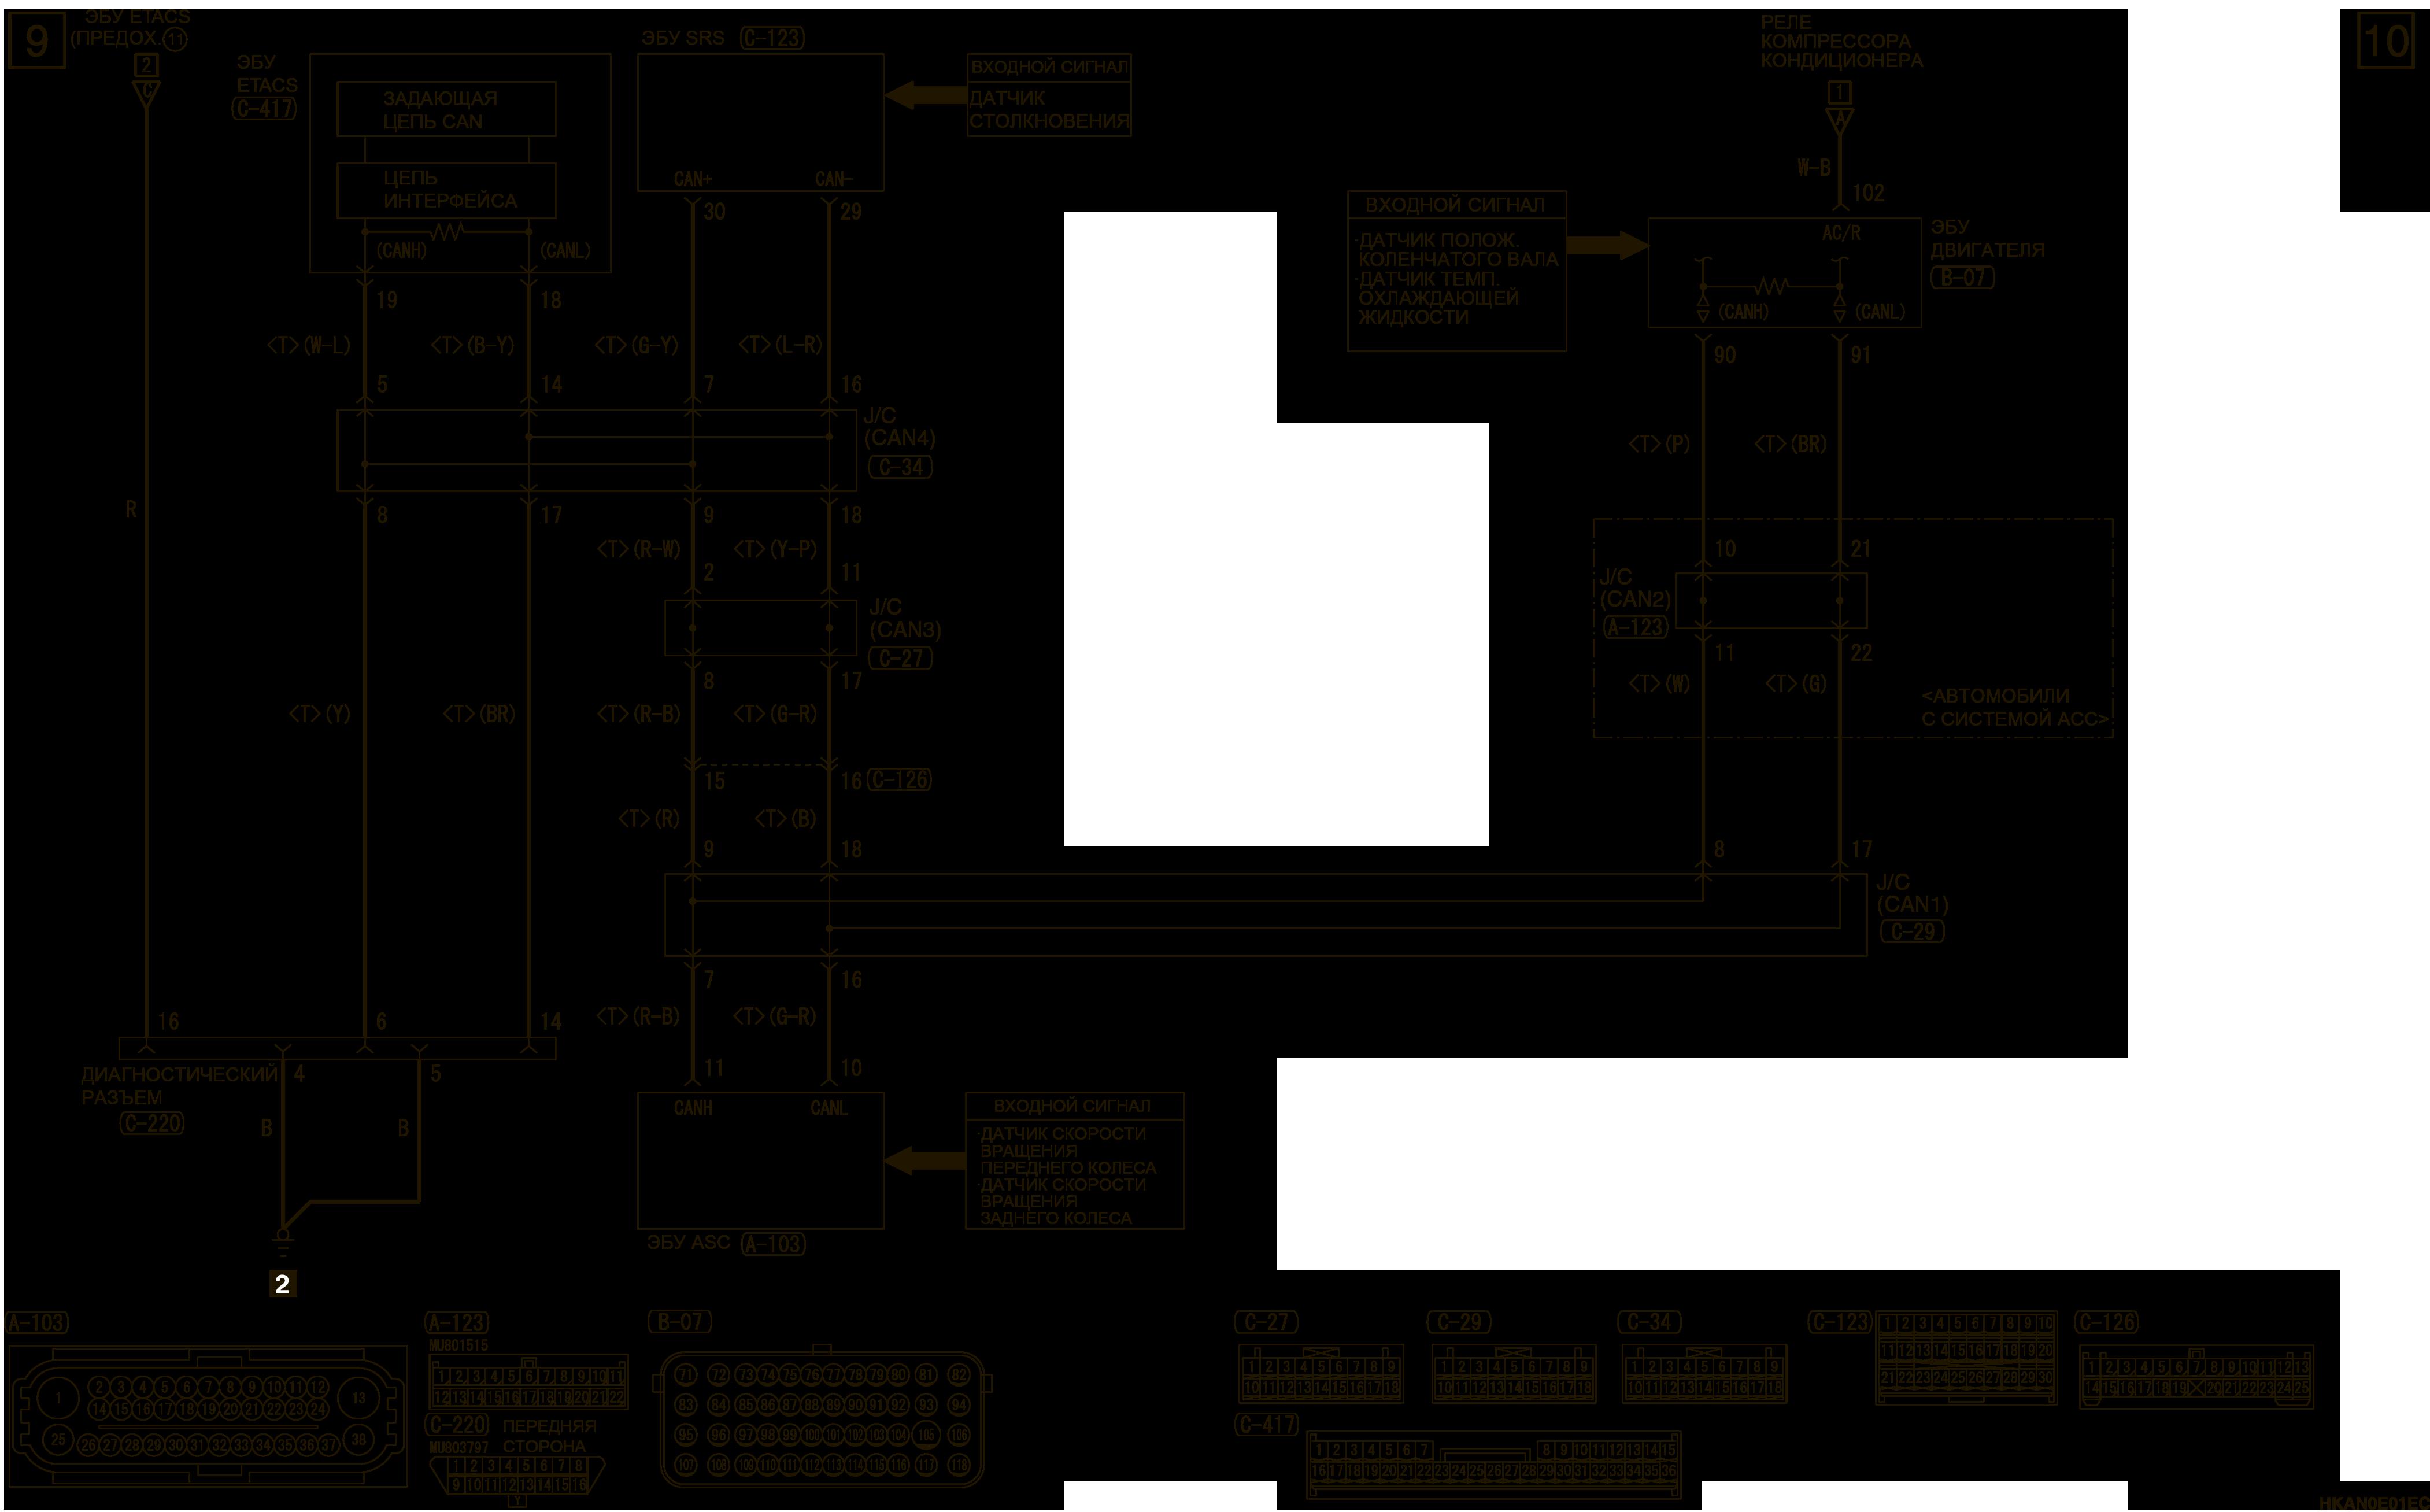 mmc аутлендер 3 2019 электросхемаКОНДИЦИОНЕР ВОЗДУХА ПРАВОСТОРОННЕЕ УПРАВЛЕНИЕ